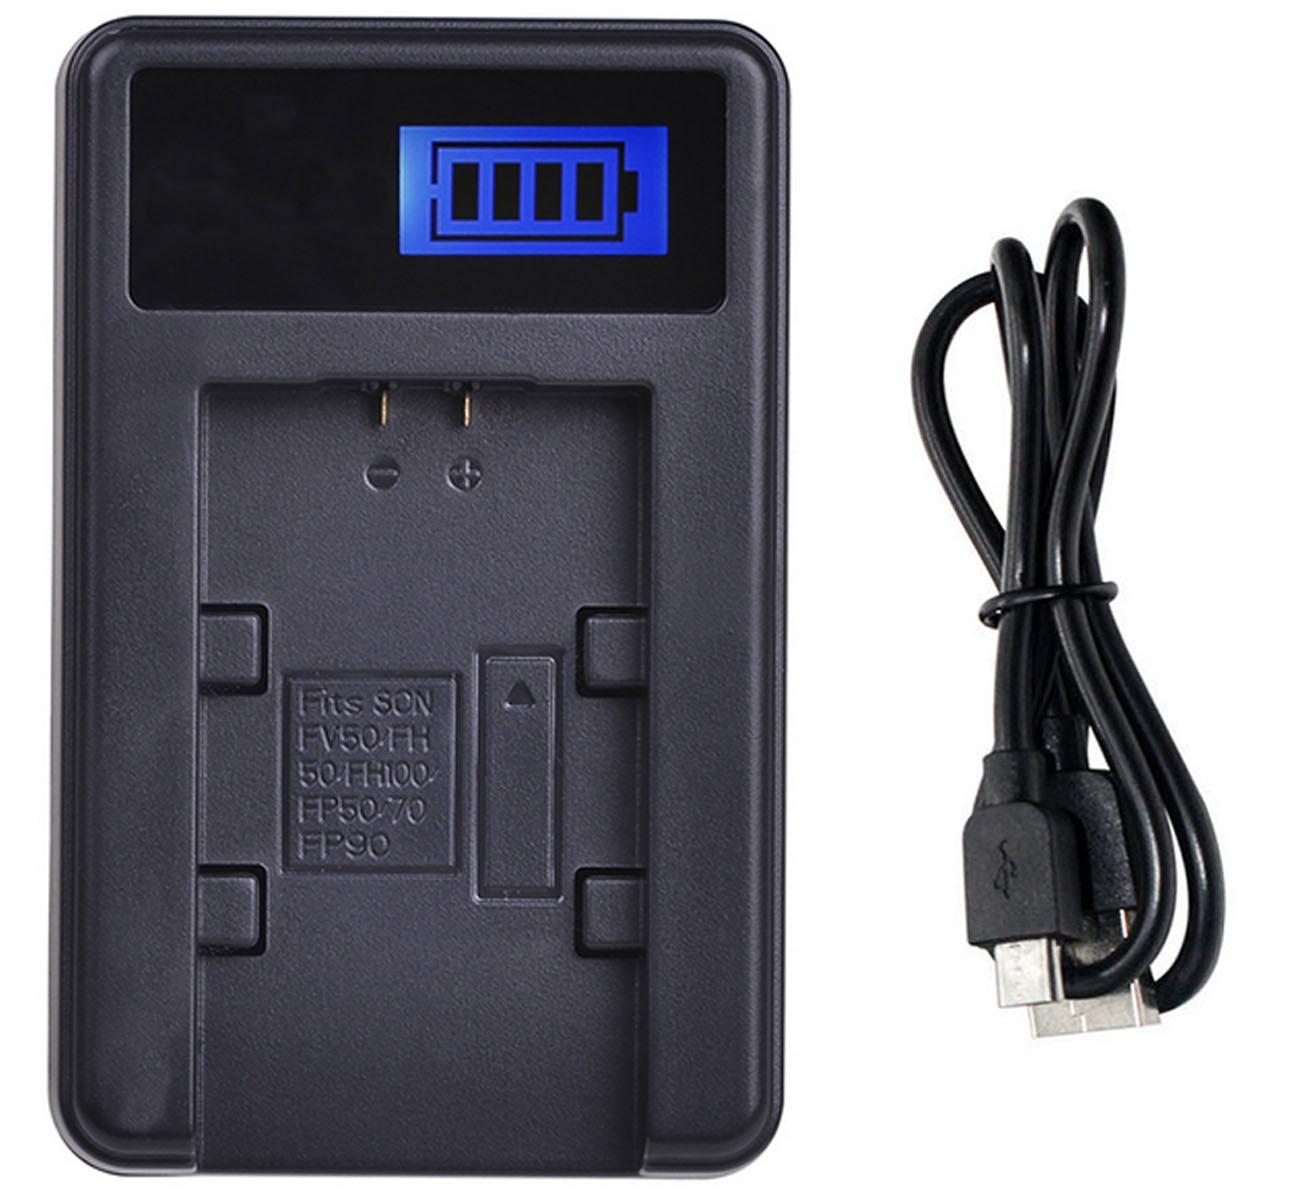 Lcd usb carregador de bateria para sony HXR-MC50, HXR-MC50E, HXR-MC50N, HXR-MC50P, HXR-MC50U, PXW-X70, PXW-Z90, PXW-Z90V, filmadora